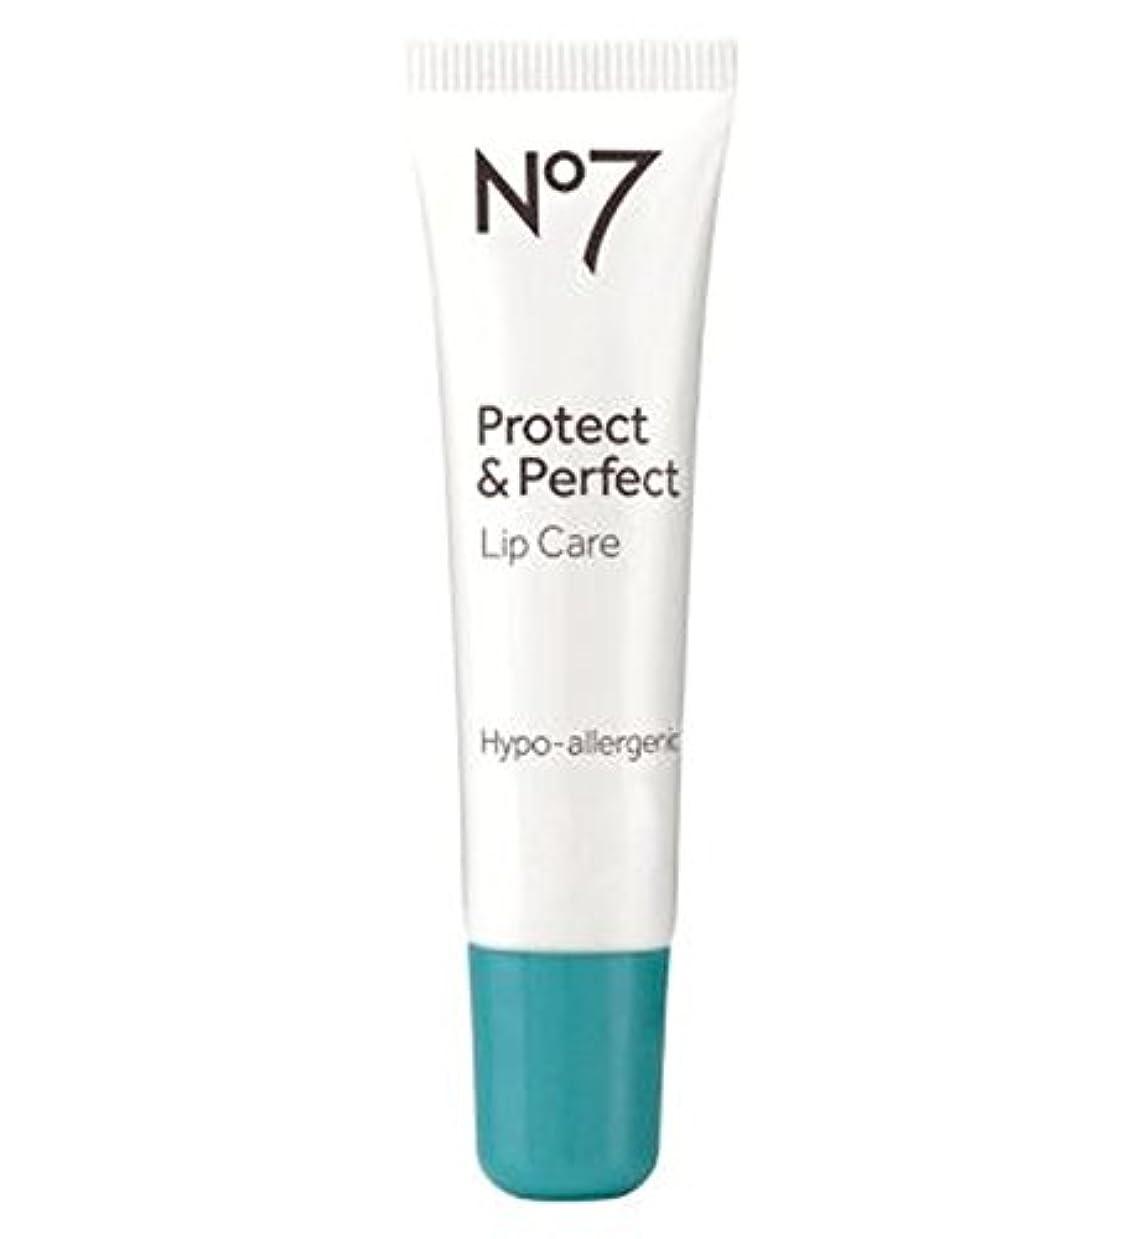 地殻駅過半数No7 Protect & Perfect Lip Care 10ml - No7保護&完璧なリップケア10ミリリットル (No7) [並行輸入品]